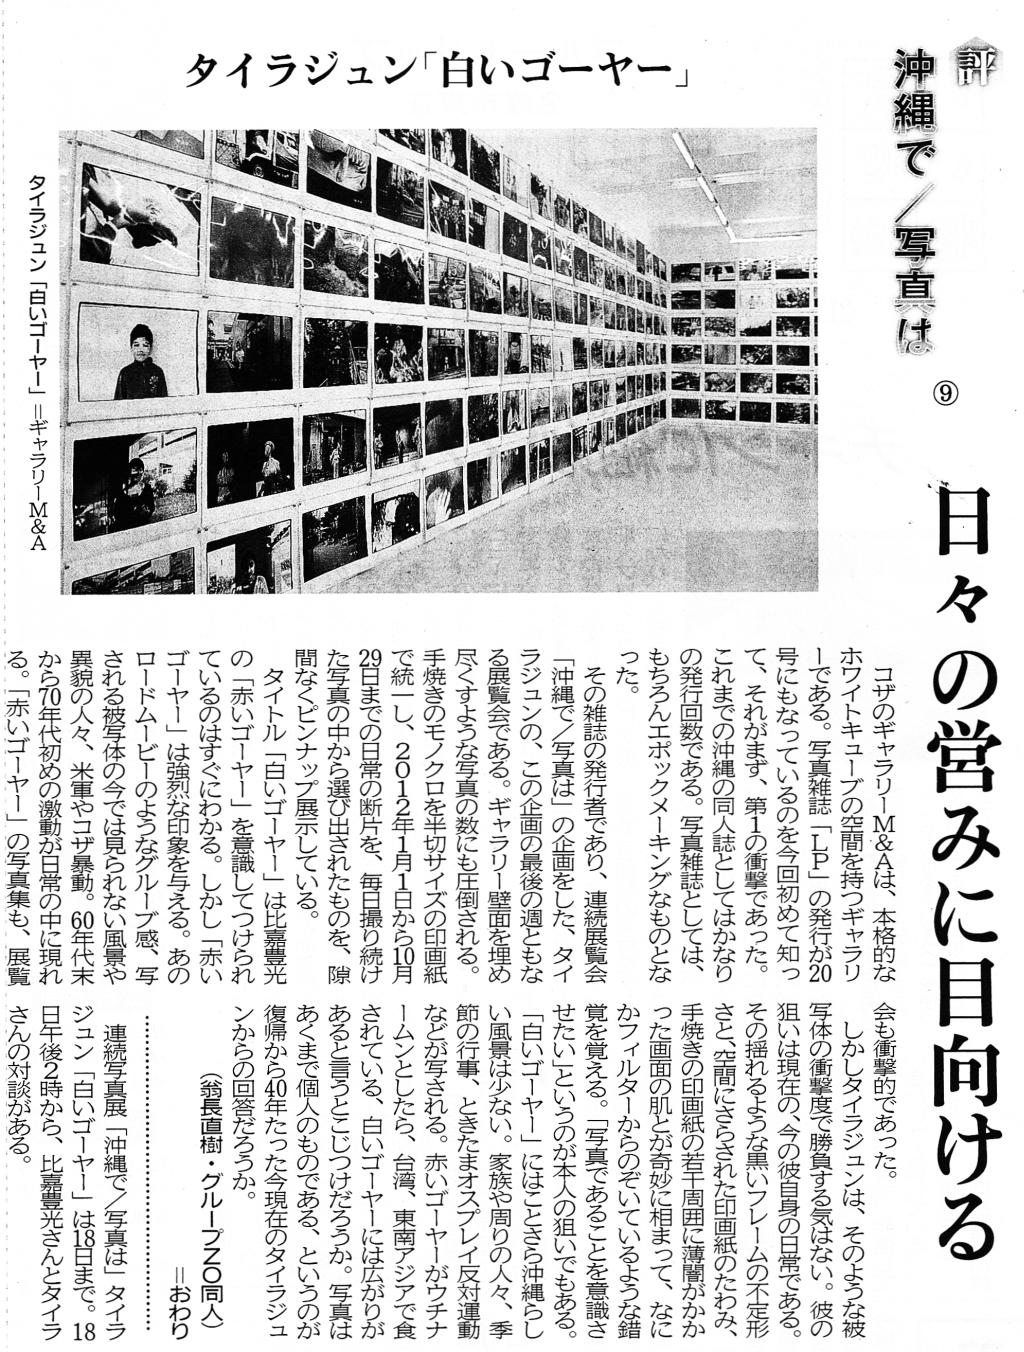 20121116_times_tairajun_renzoku_onaga.jpg